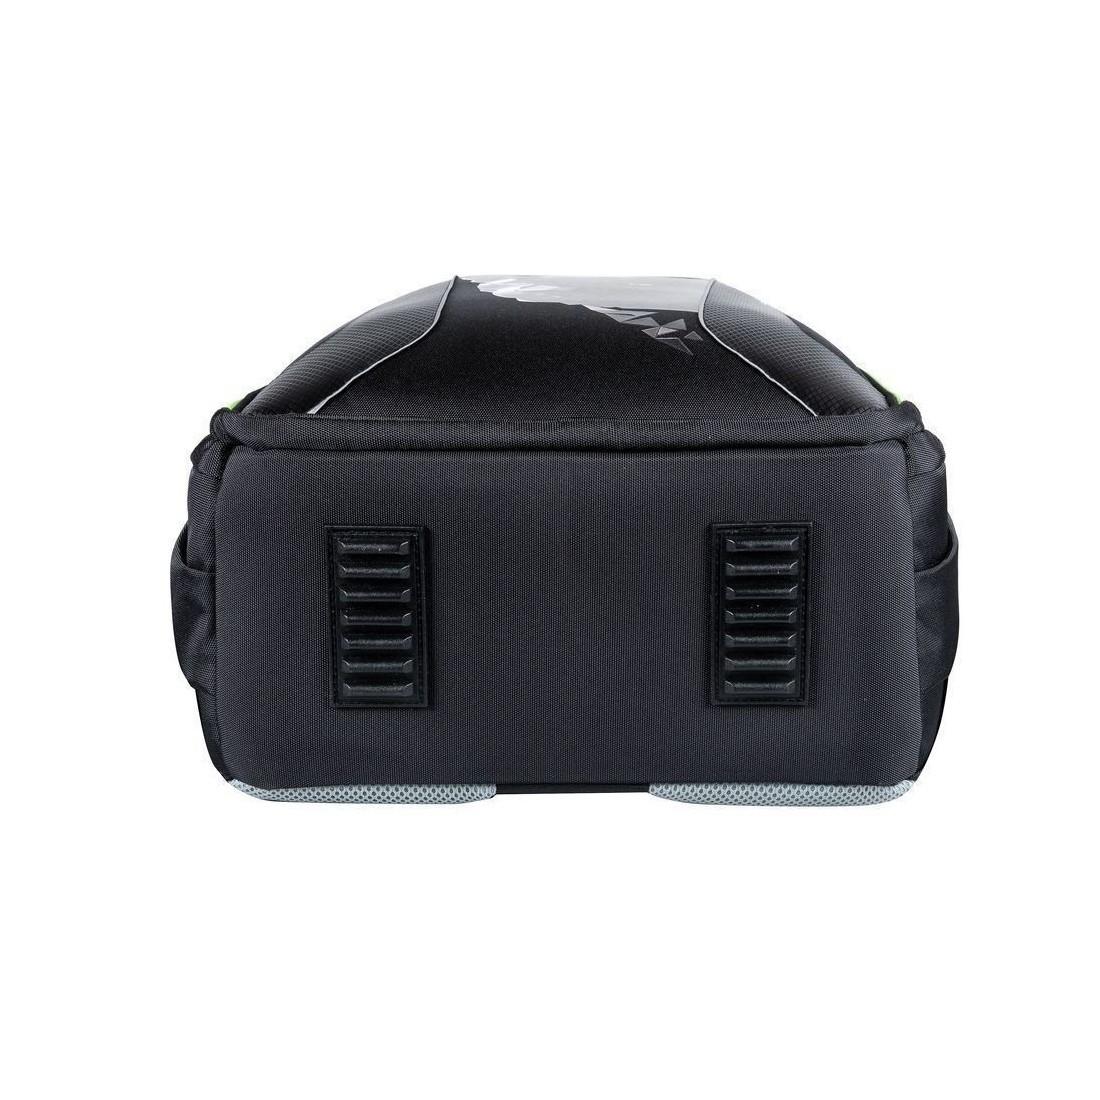 e49142086e5d2 Plecak szkolny Herlitz Be.bag Airgo - Feather - czarny w kolorowe piórka  boho